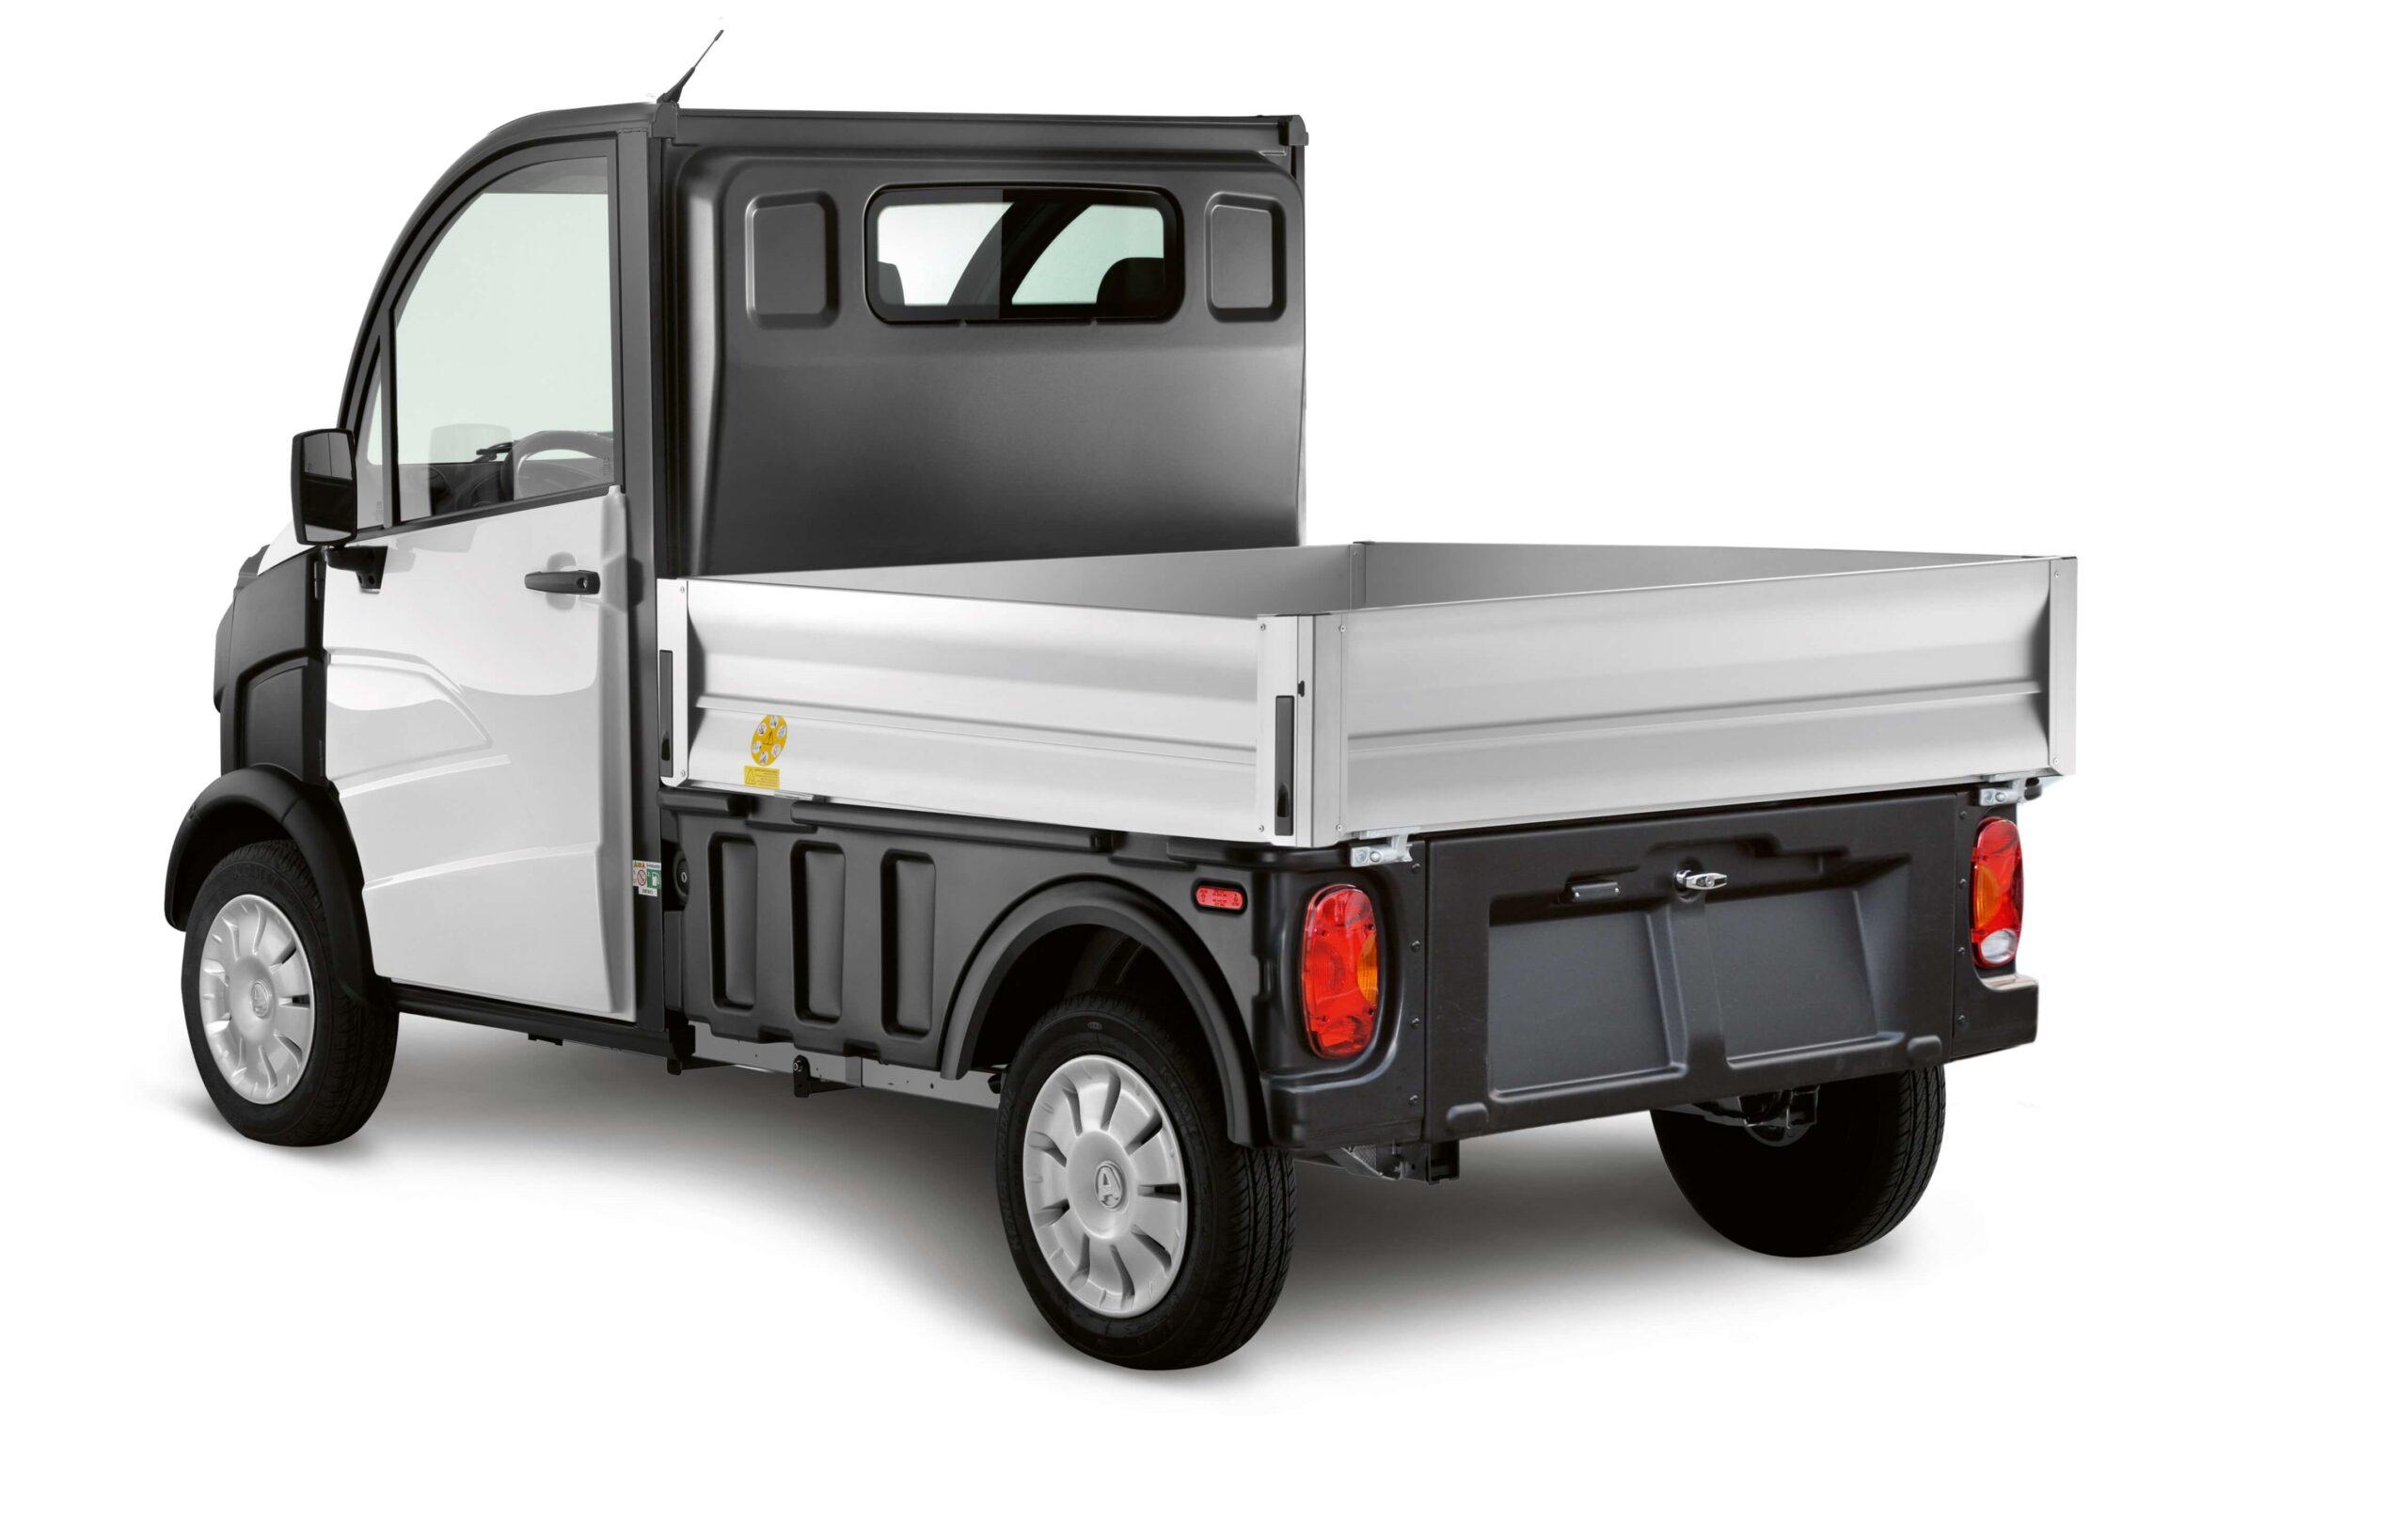 E-truck laadbak